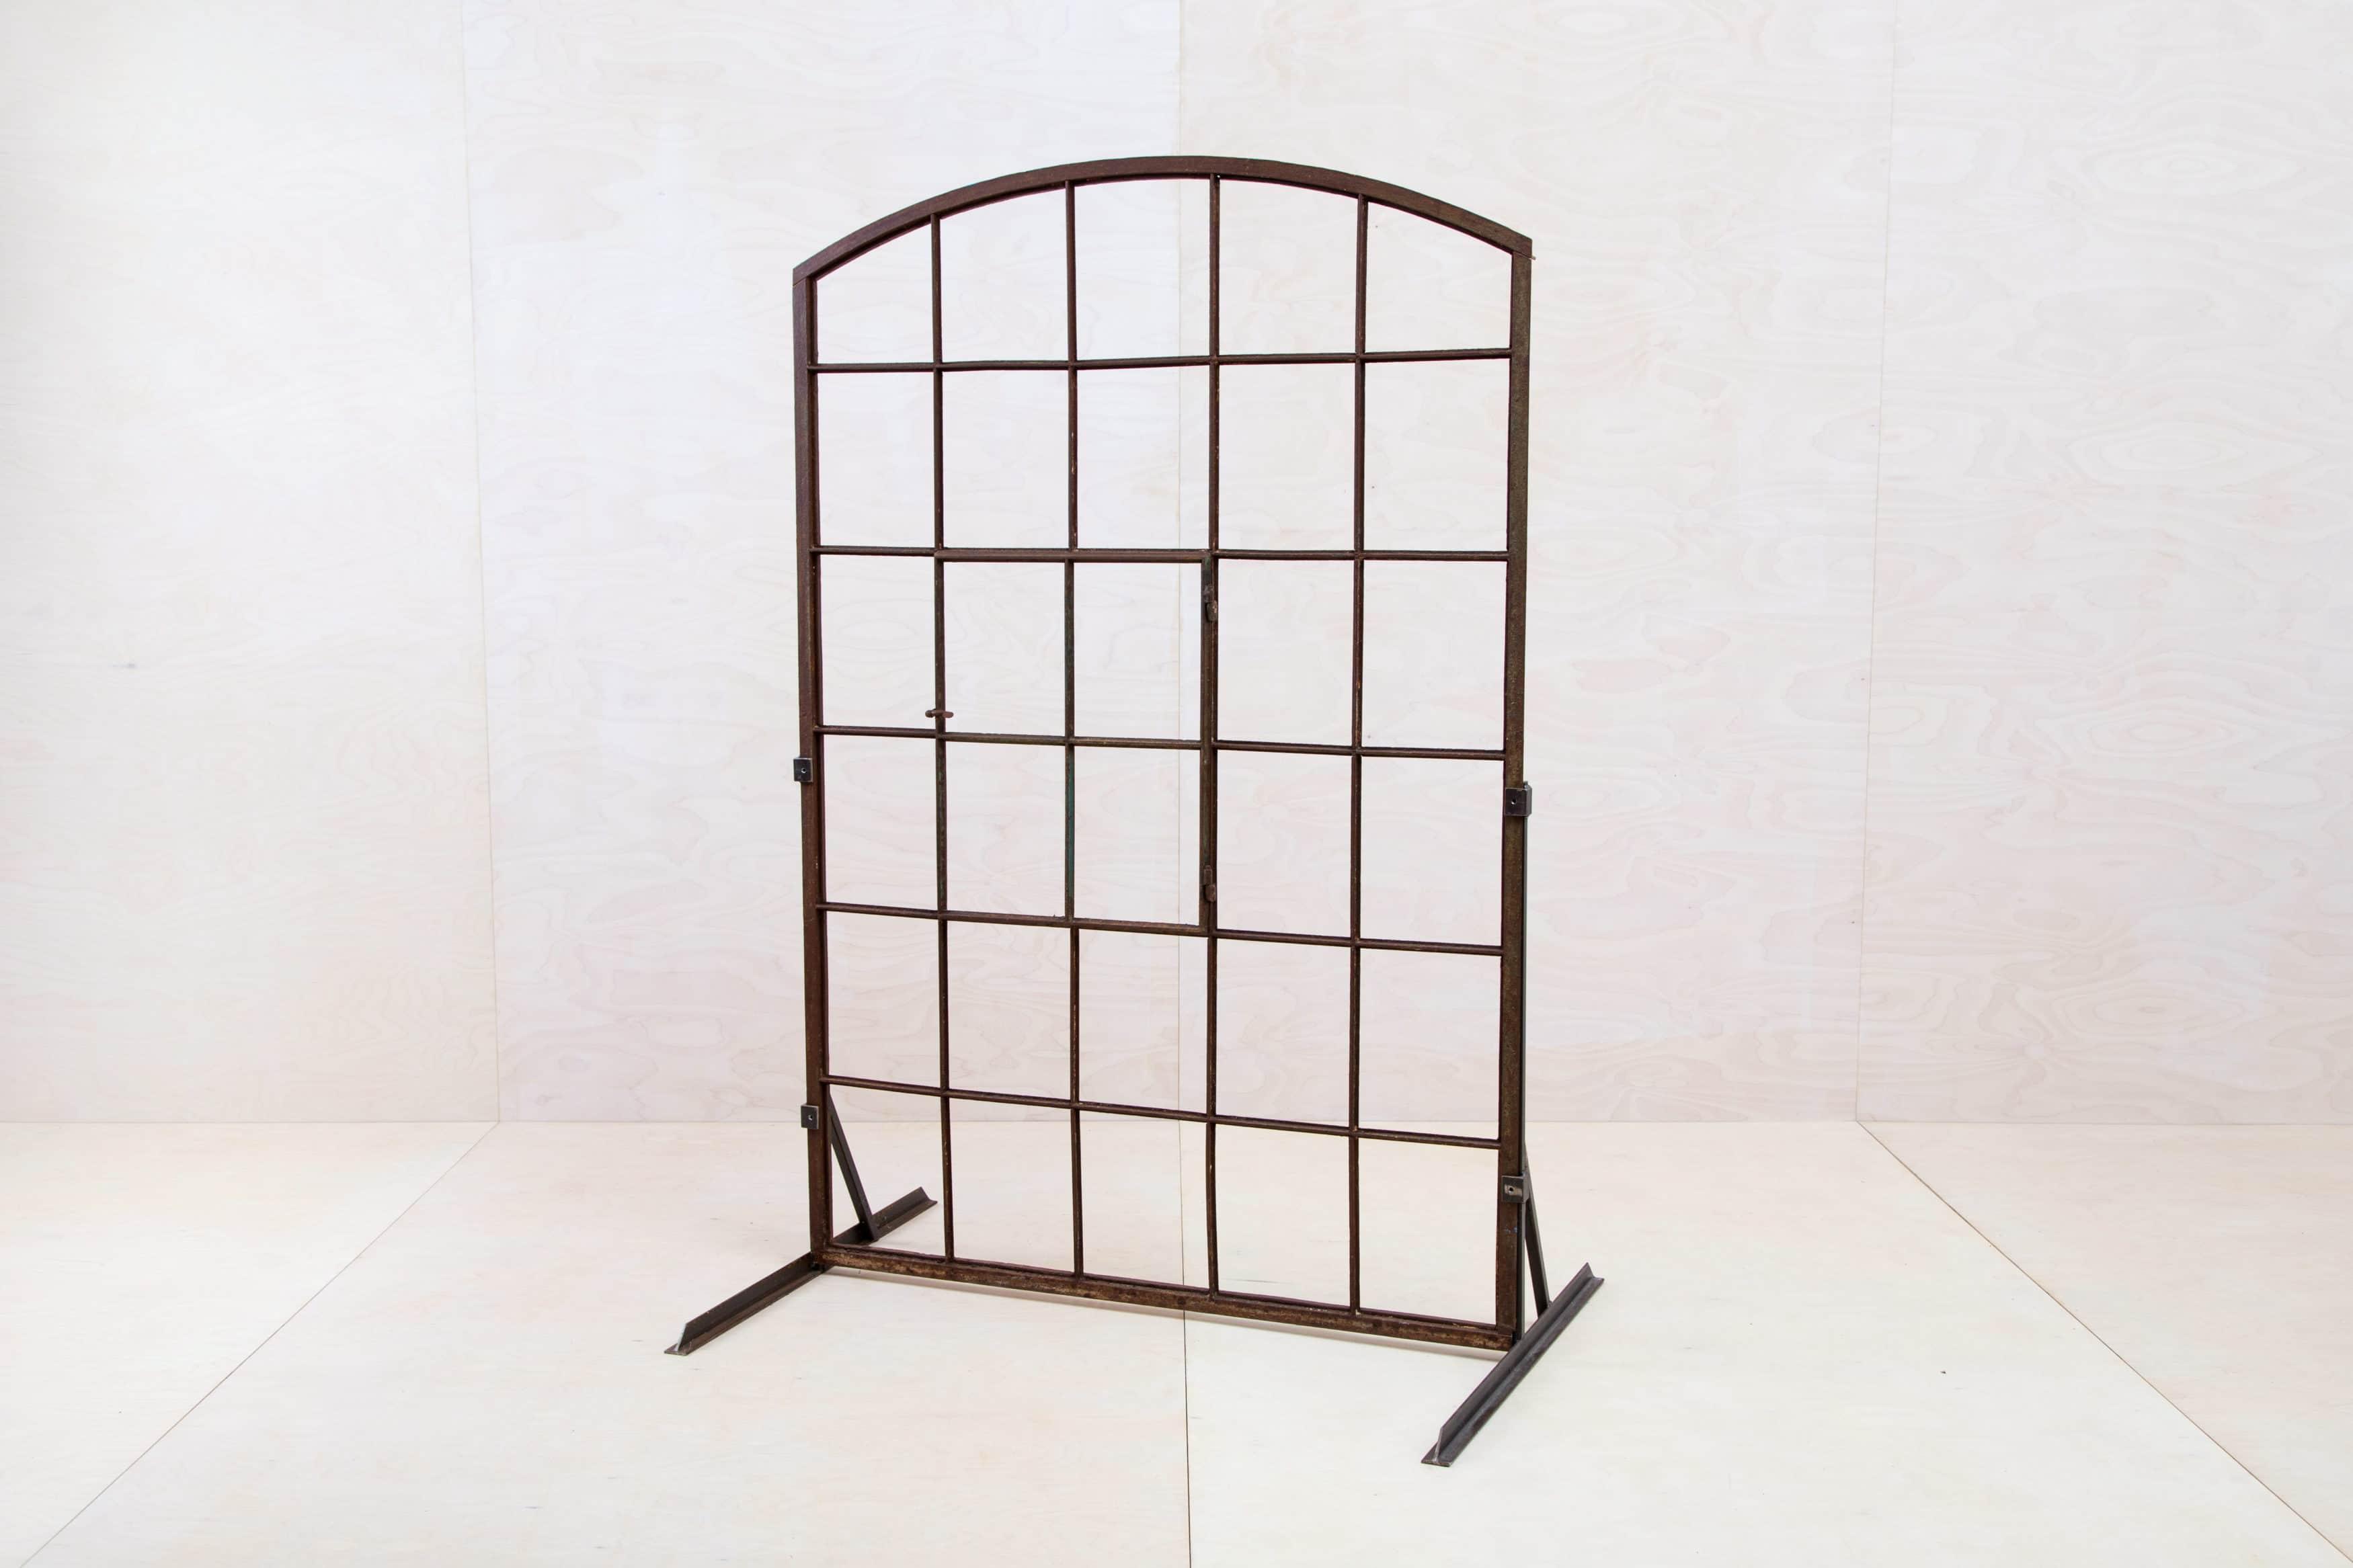 Alter Fensterrahmen aus Stahl. Eventdekoration mieten